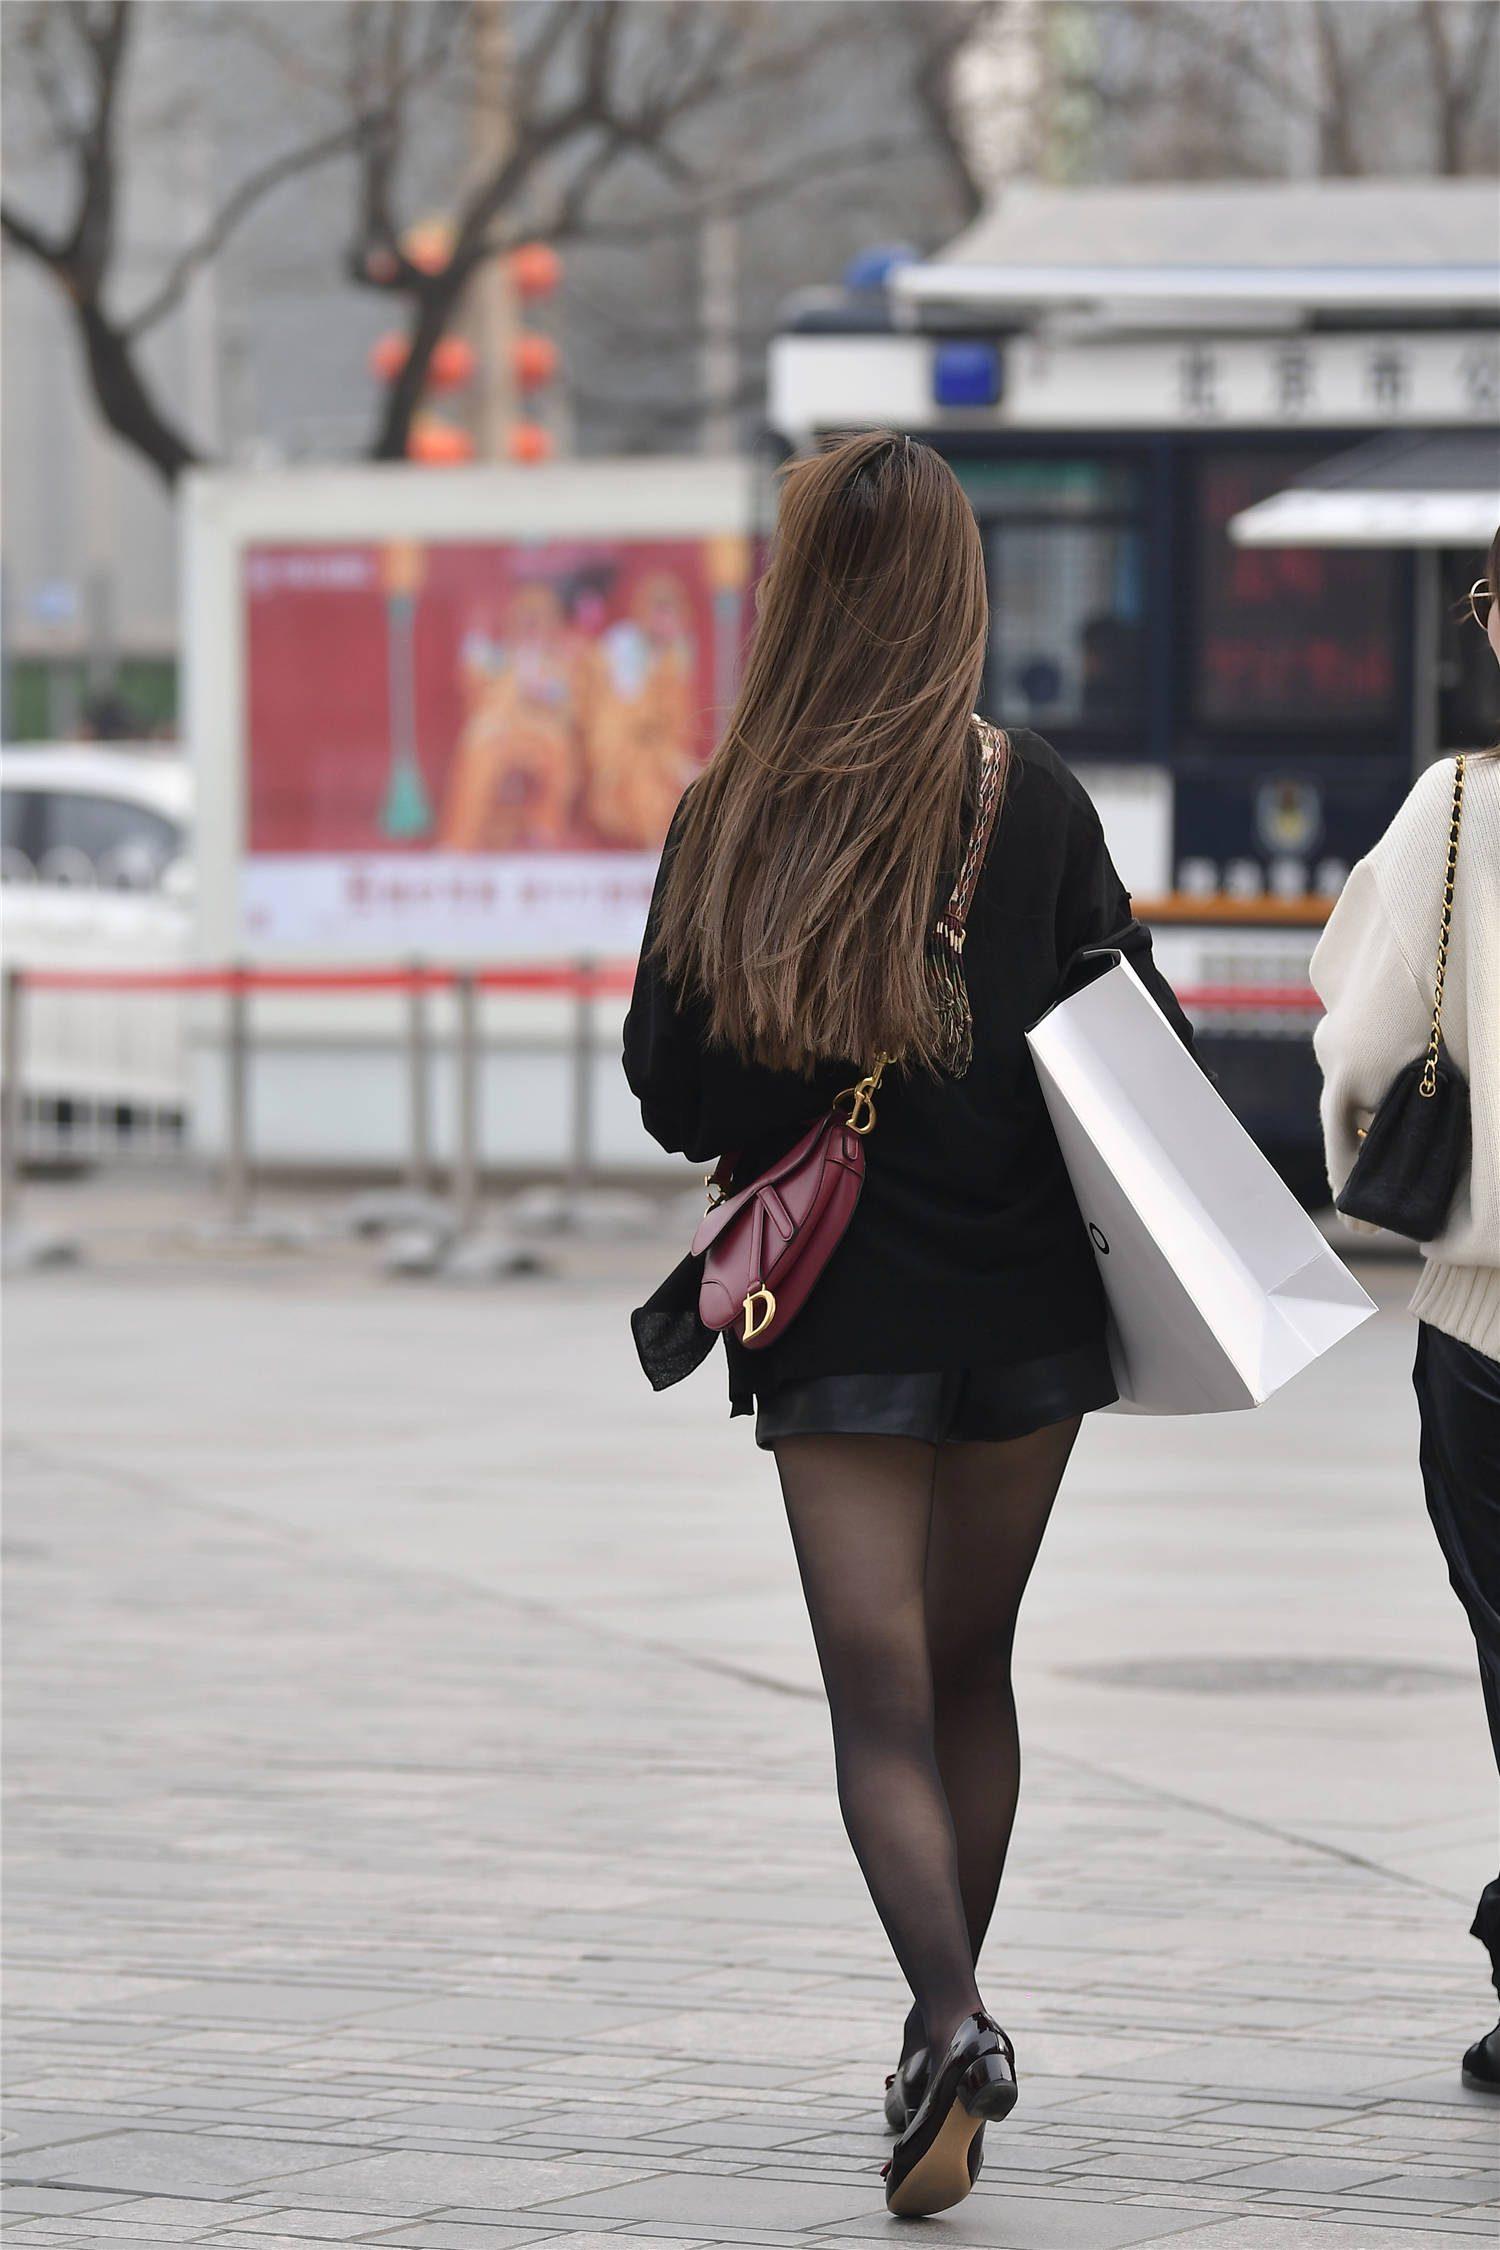 黑色丝袜受到时尚姑娘青睐,搭配皮质短裤,造型独特又不落俗套